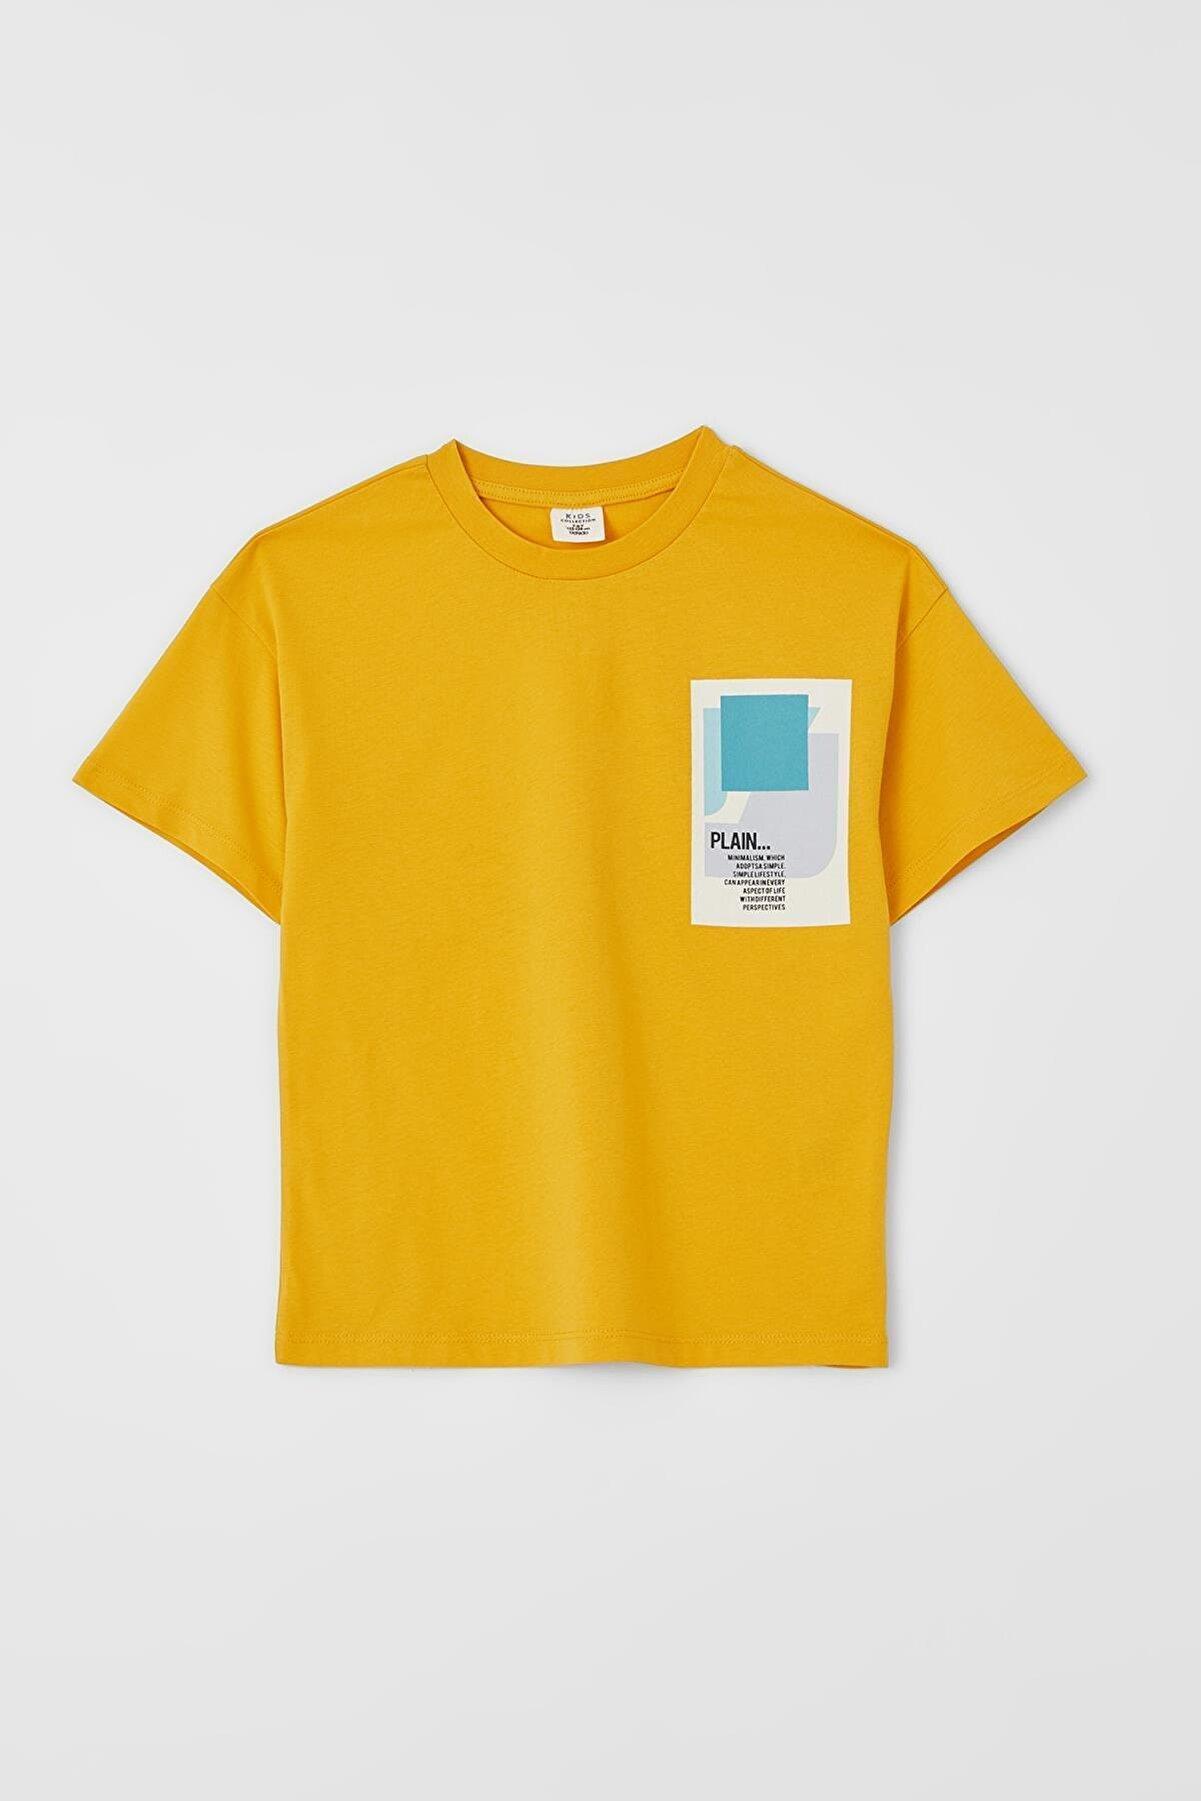 Defacto Erkek Çocuk Oversize Fit Slogan Baskılı Kısa Kollu Tişört